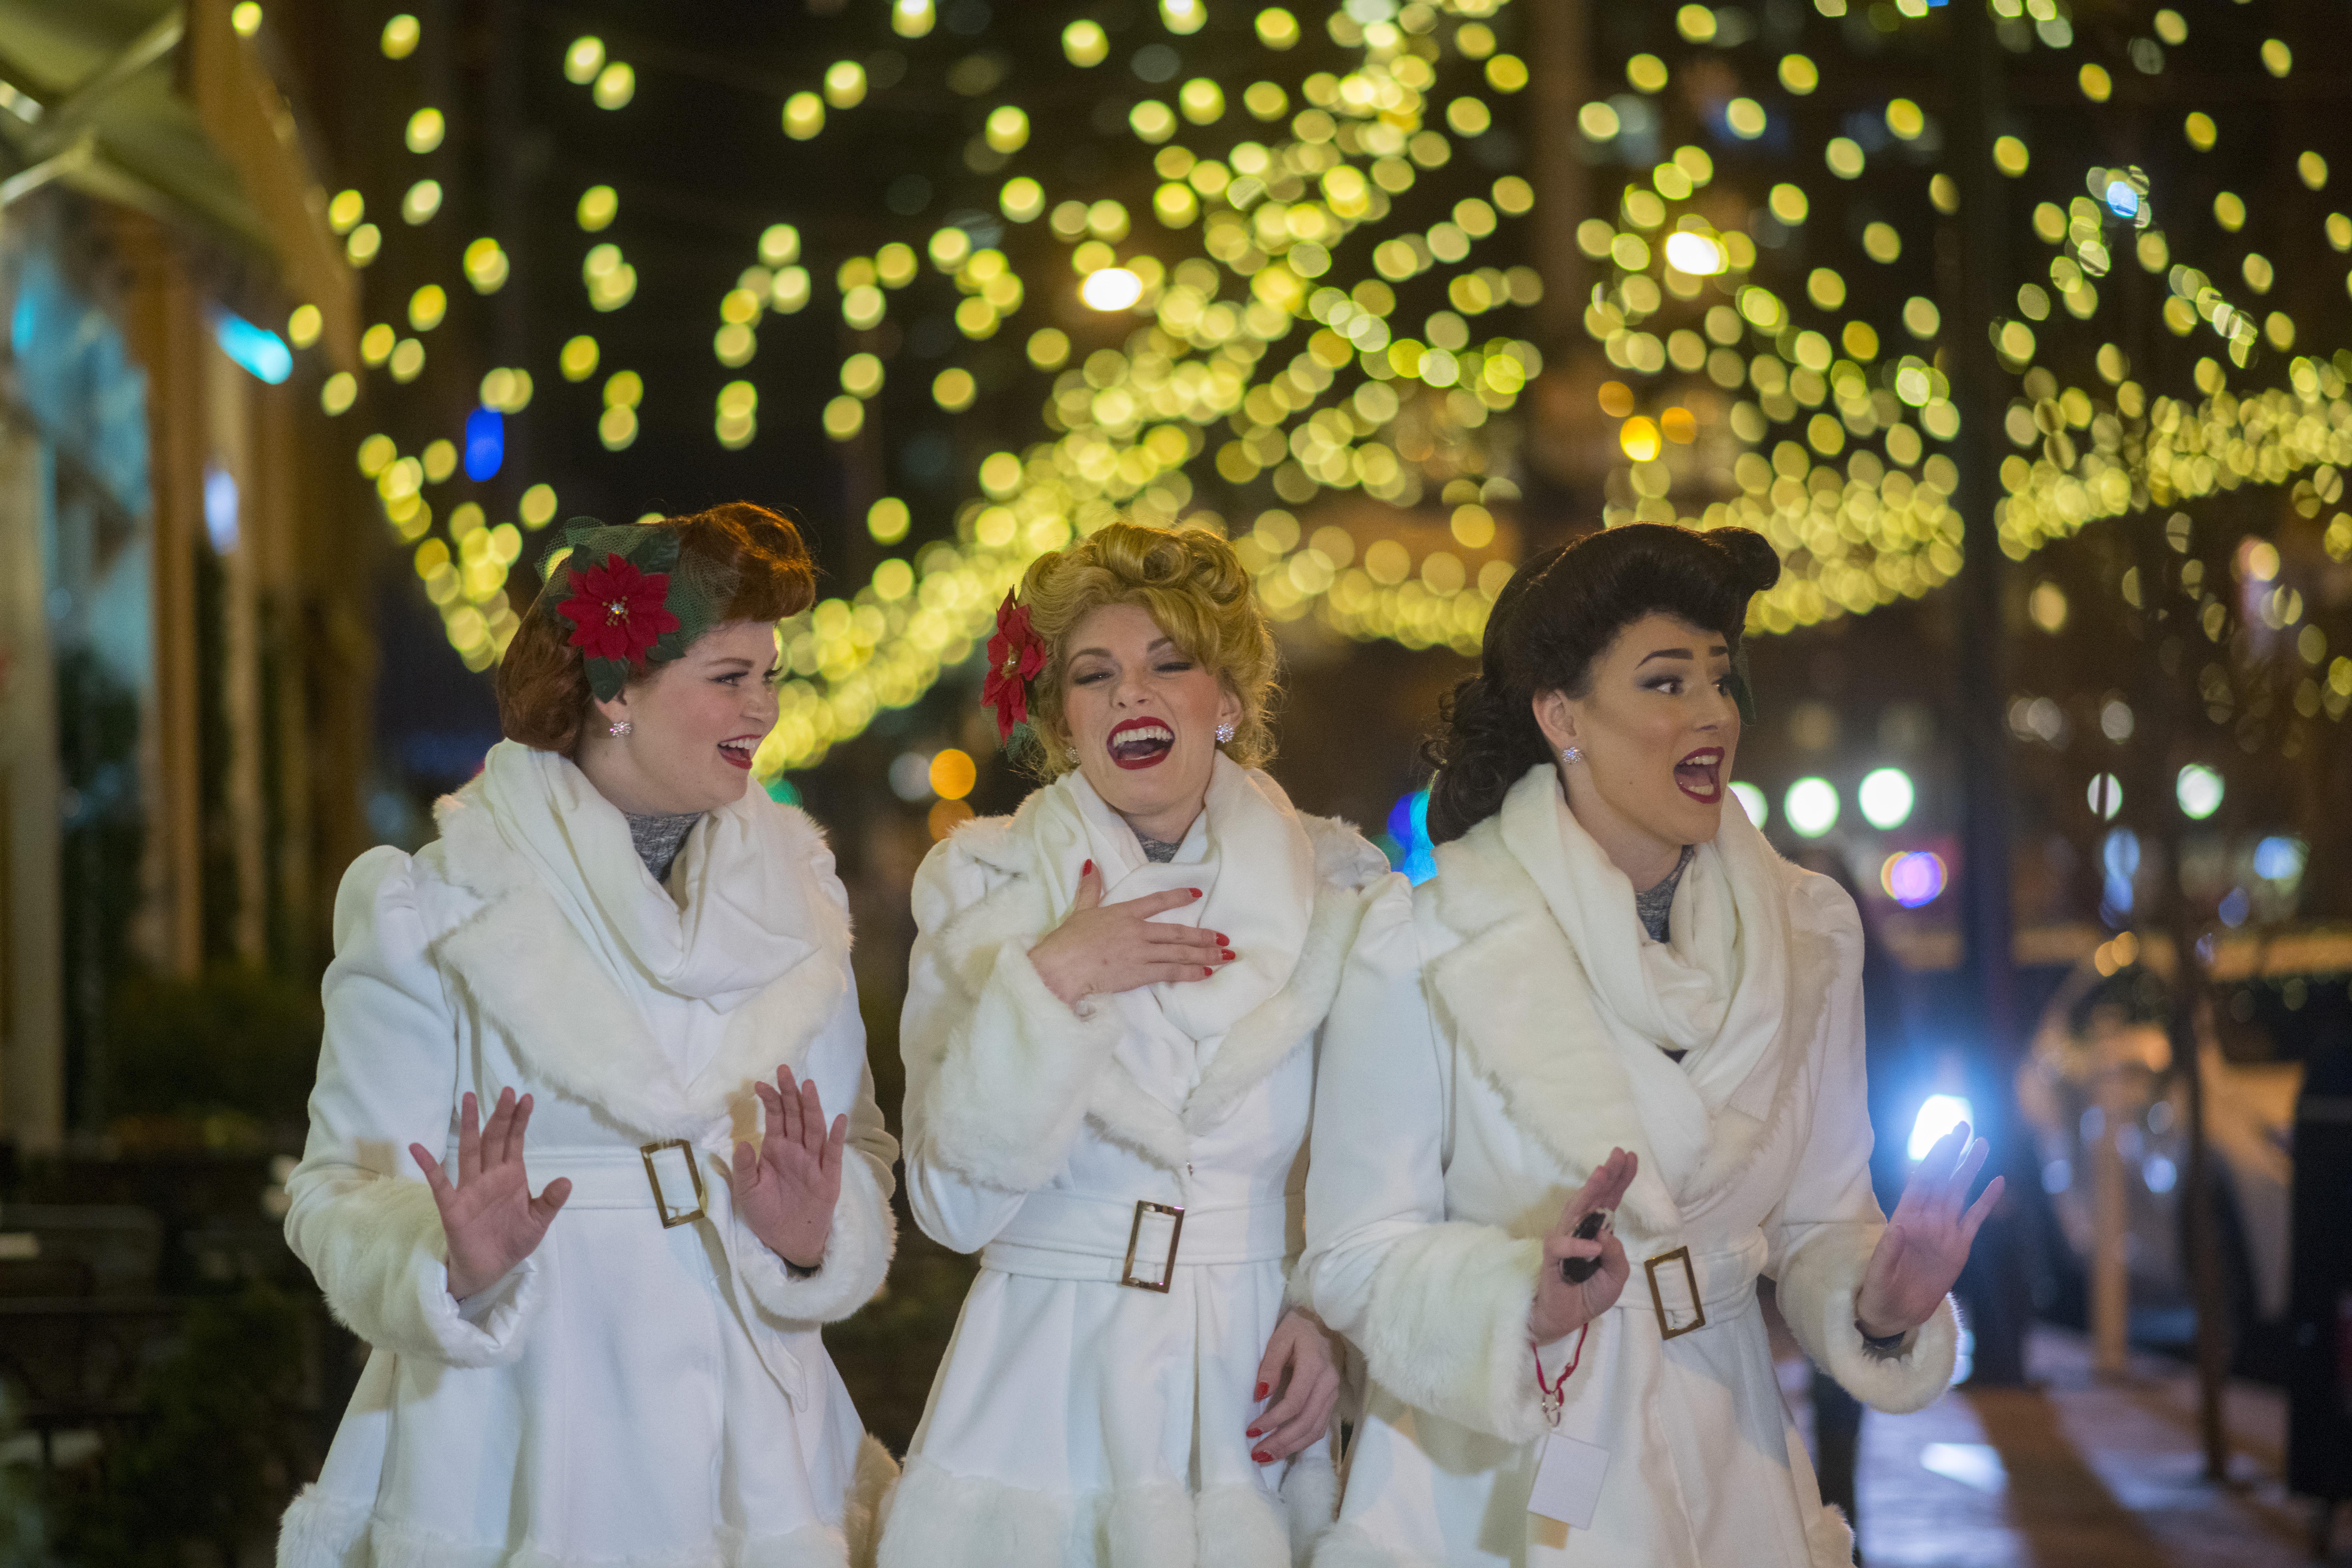 Christmas Concerts 2020 Denver Holiday Theater & Performances | VISIT DENVER